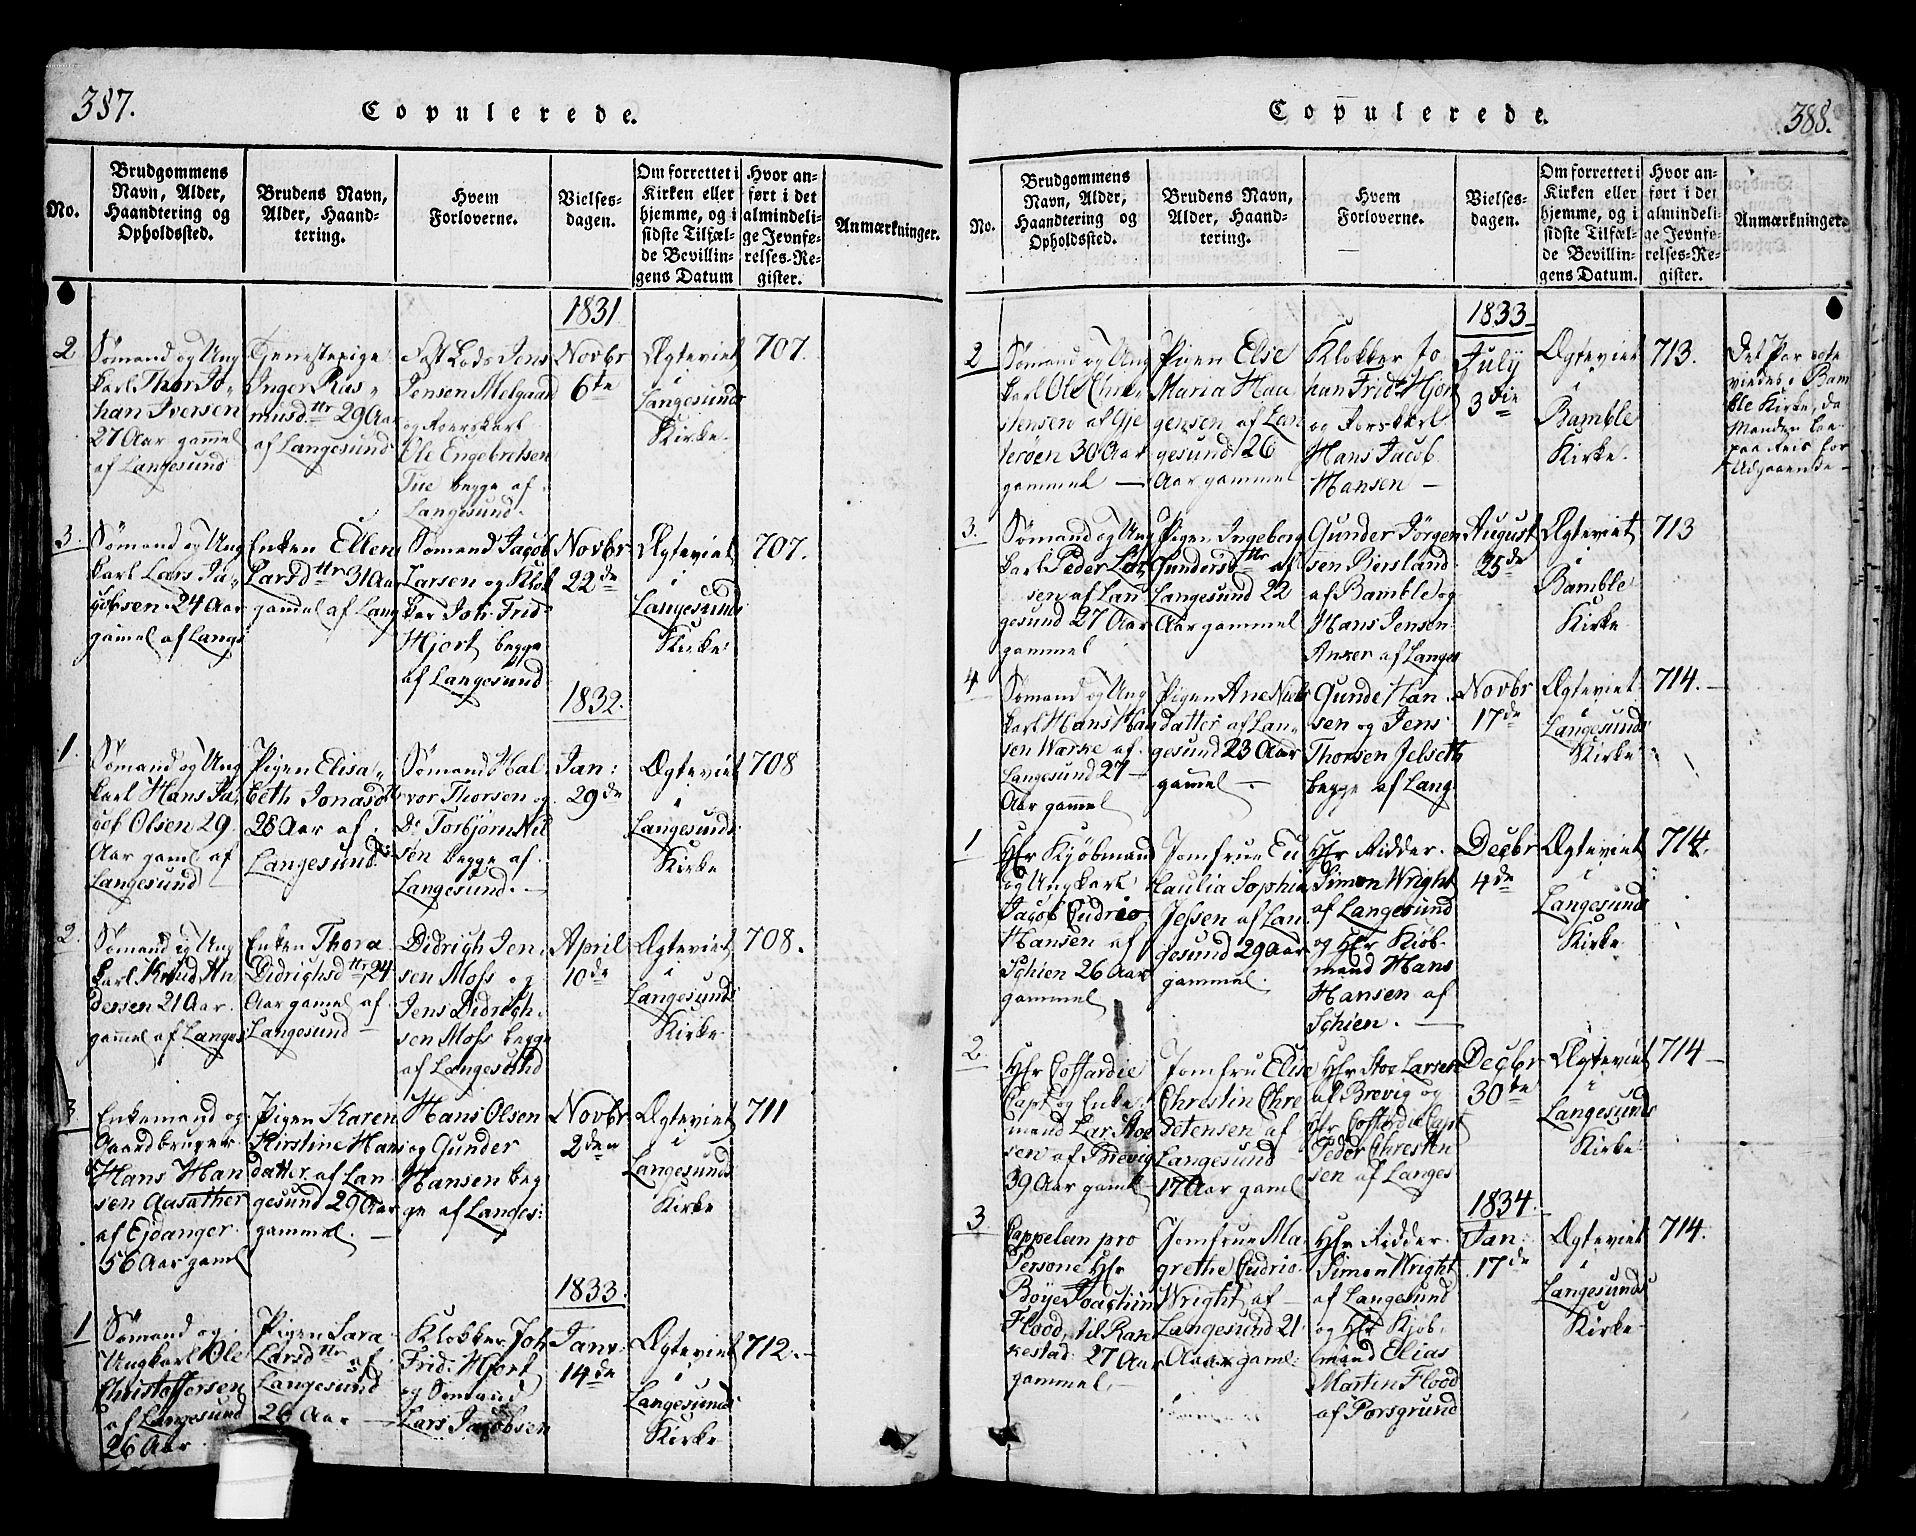 SAKO, Langesund kirkebøker, G/Ga/L0003: Klokkerbok nr. 3, 1815-1858, s. 387-388